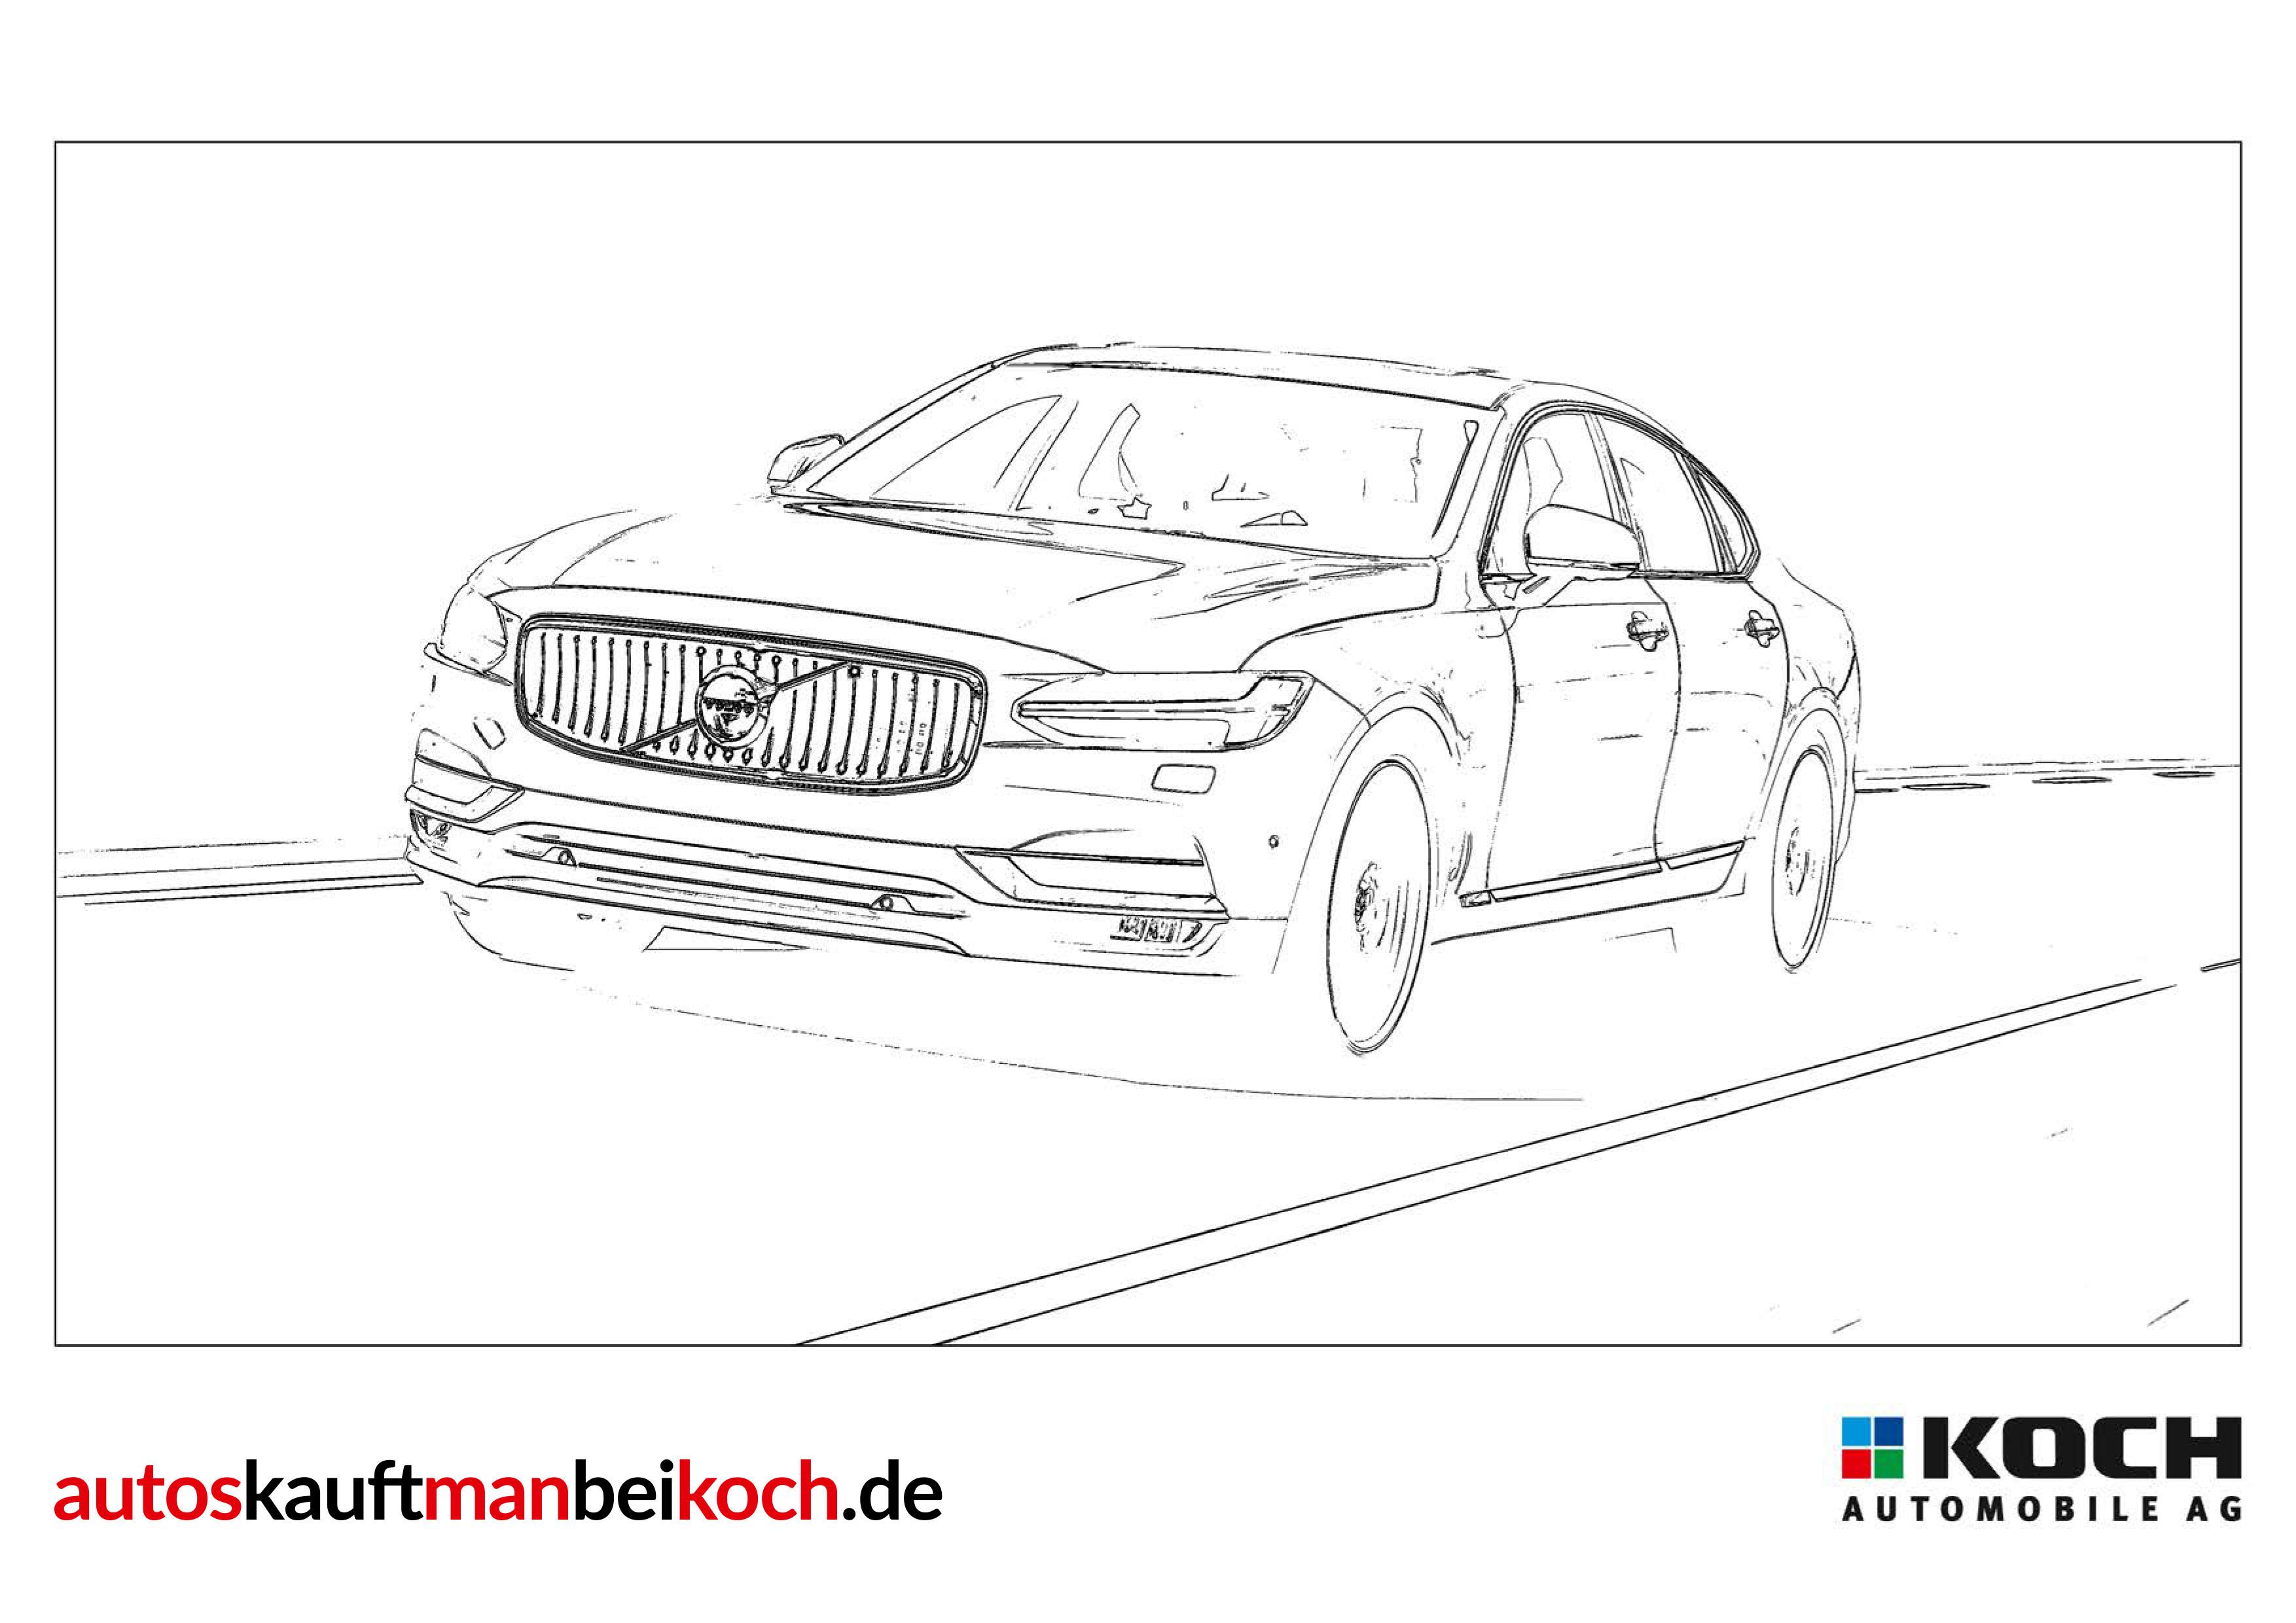 Gratis Ausmalbilder Autos : Malvorlagen Autos Kauft Man Bei Koch Gute Preise Guter Service